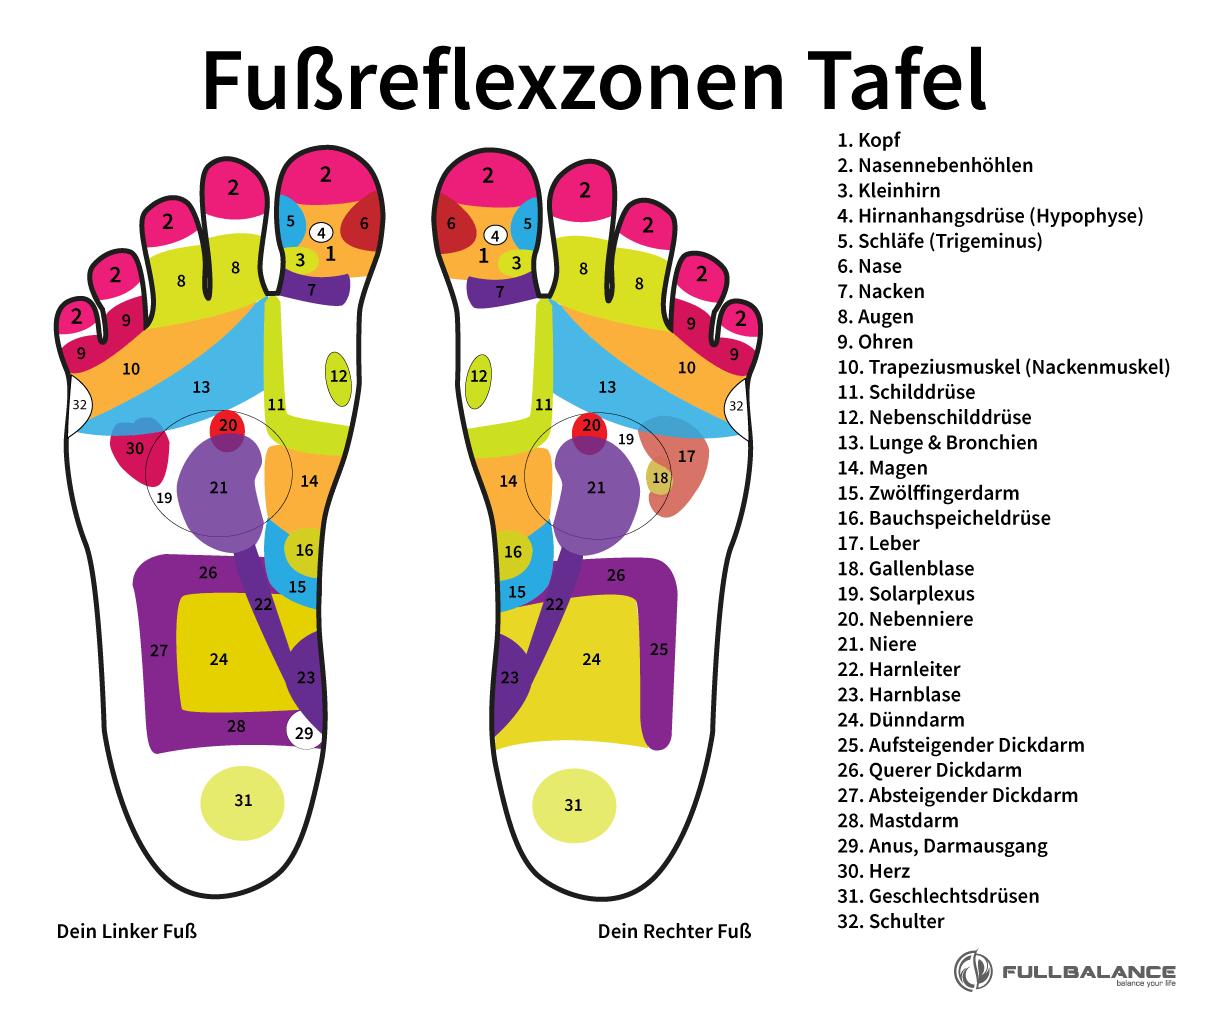 Fußreflexzonen Punkte Tafel von Full Balance